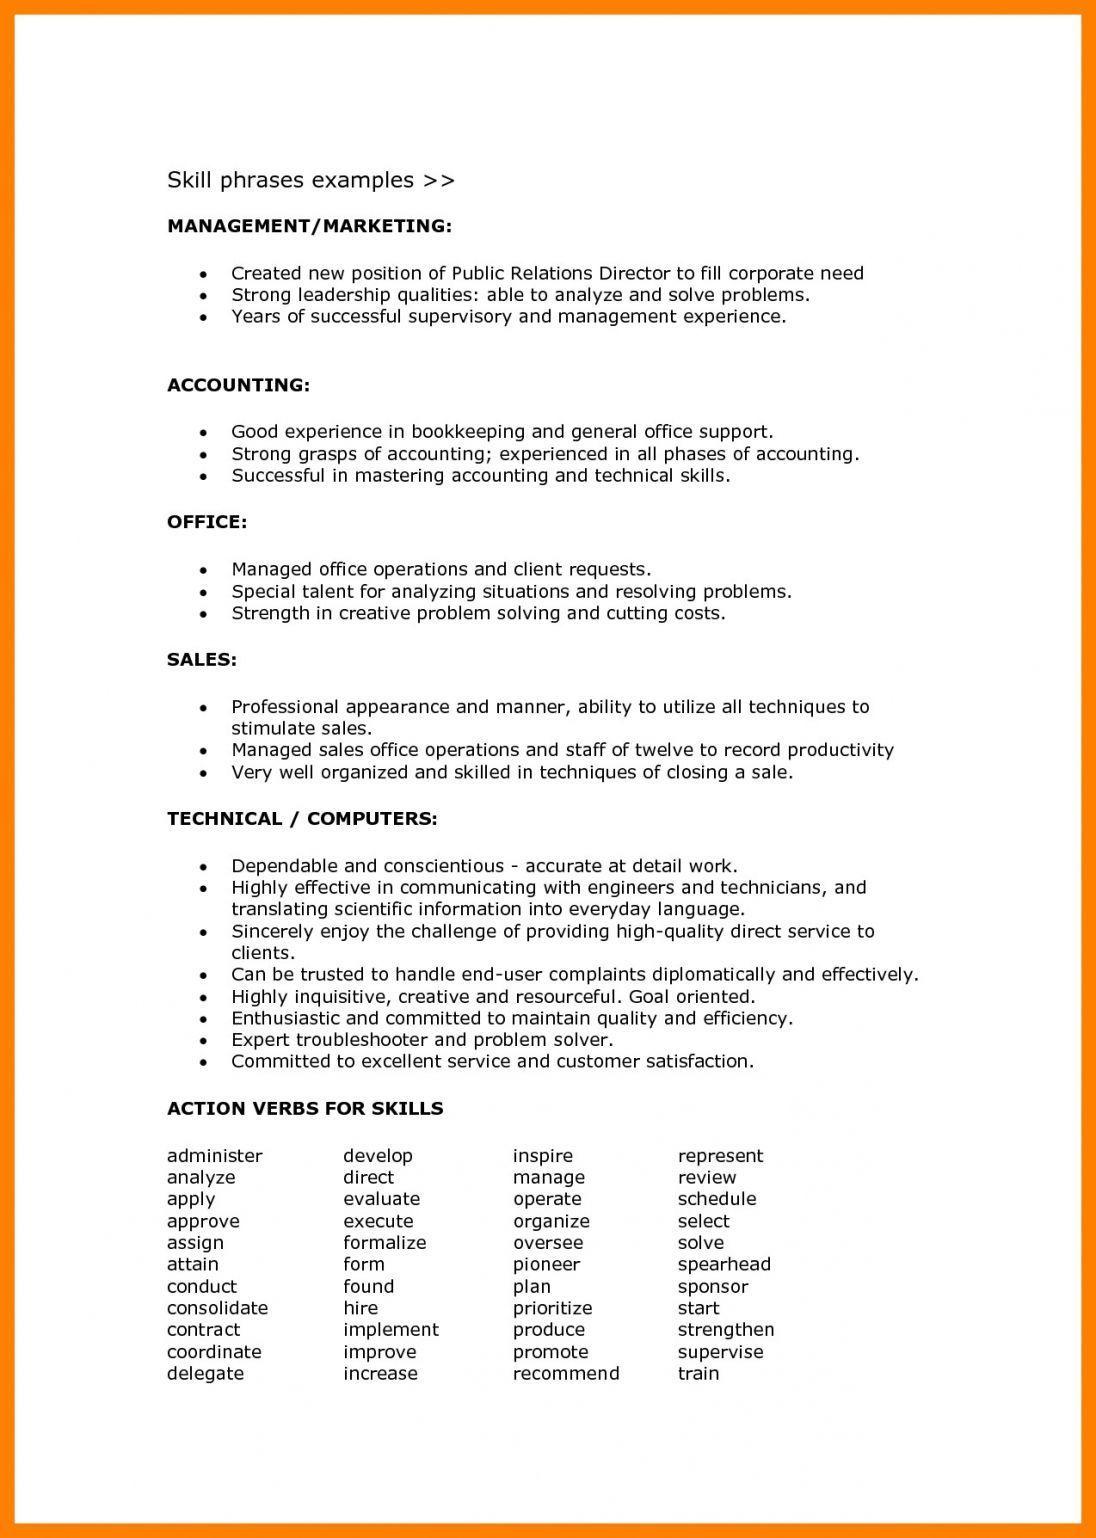 Resume Format Skills , format resume ResumeFormat